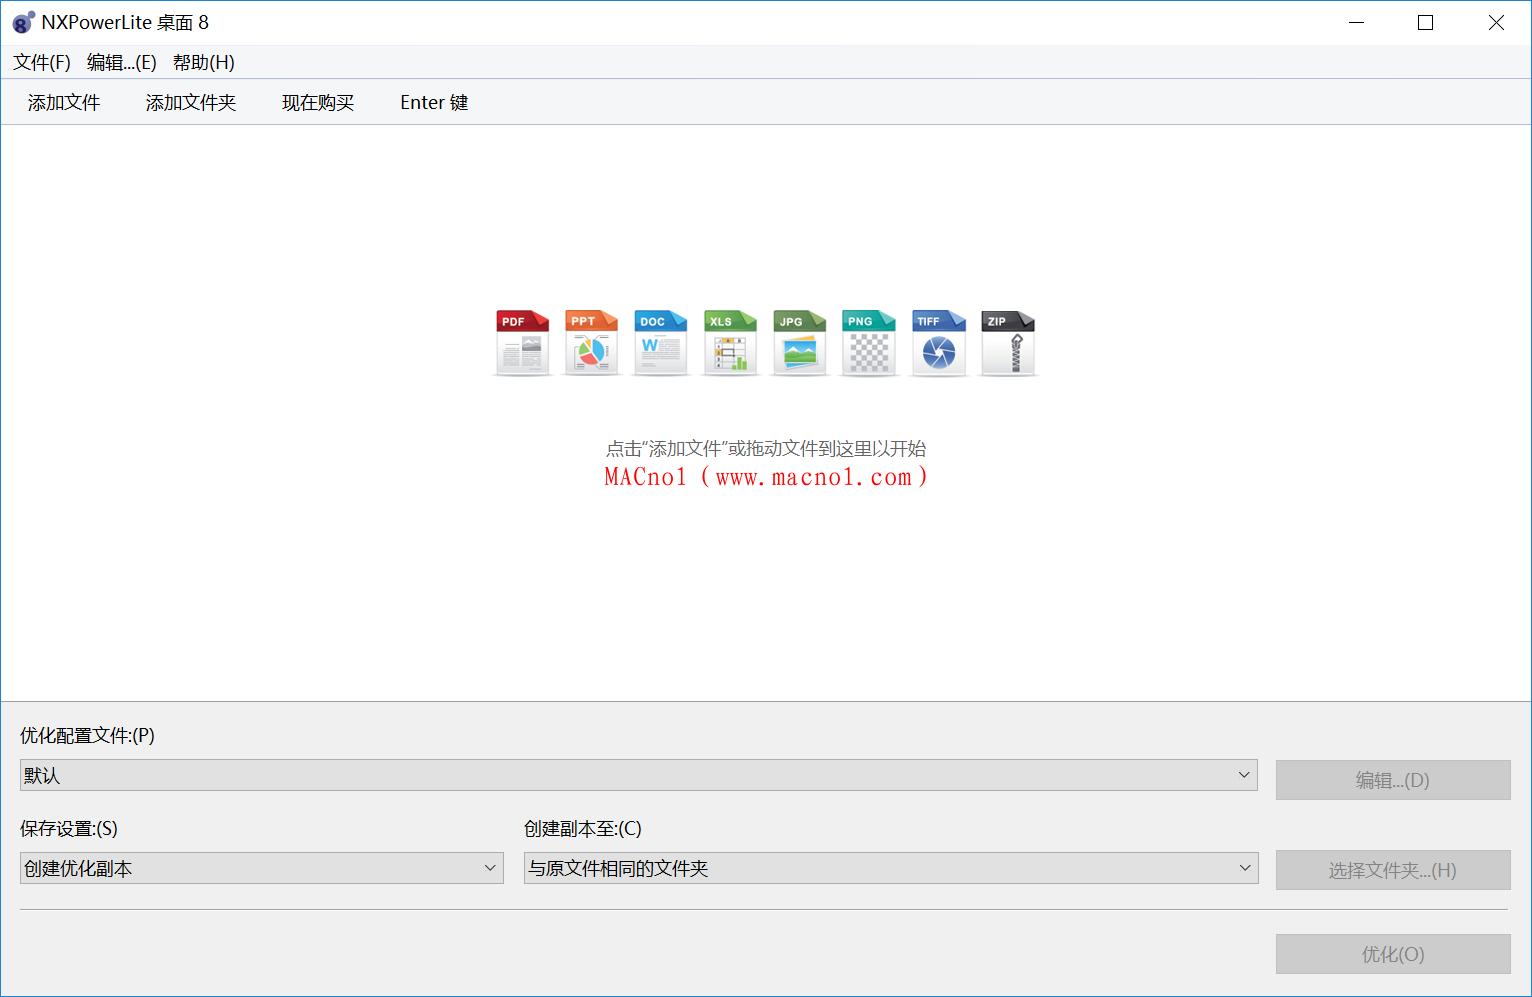 文件压缩工具 NXPowerLite Desktop 破解版 v8.0.4 中文破解版(附注册机)